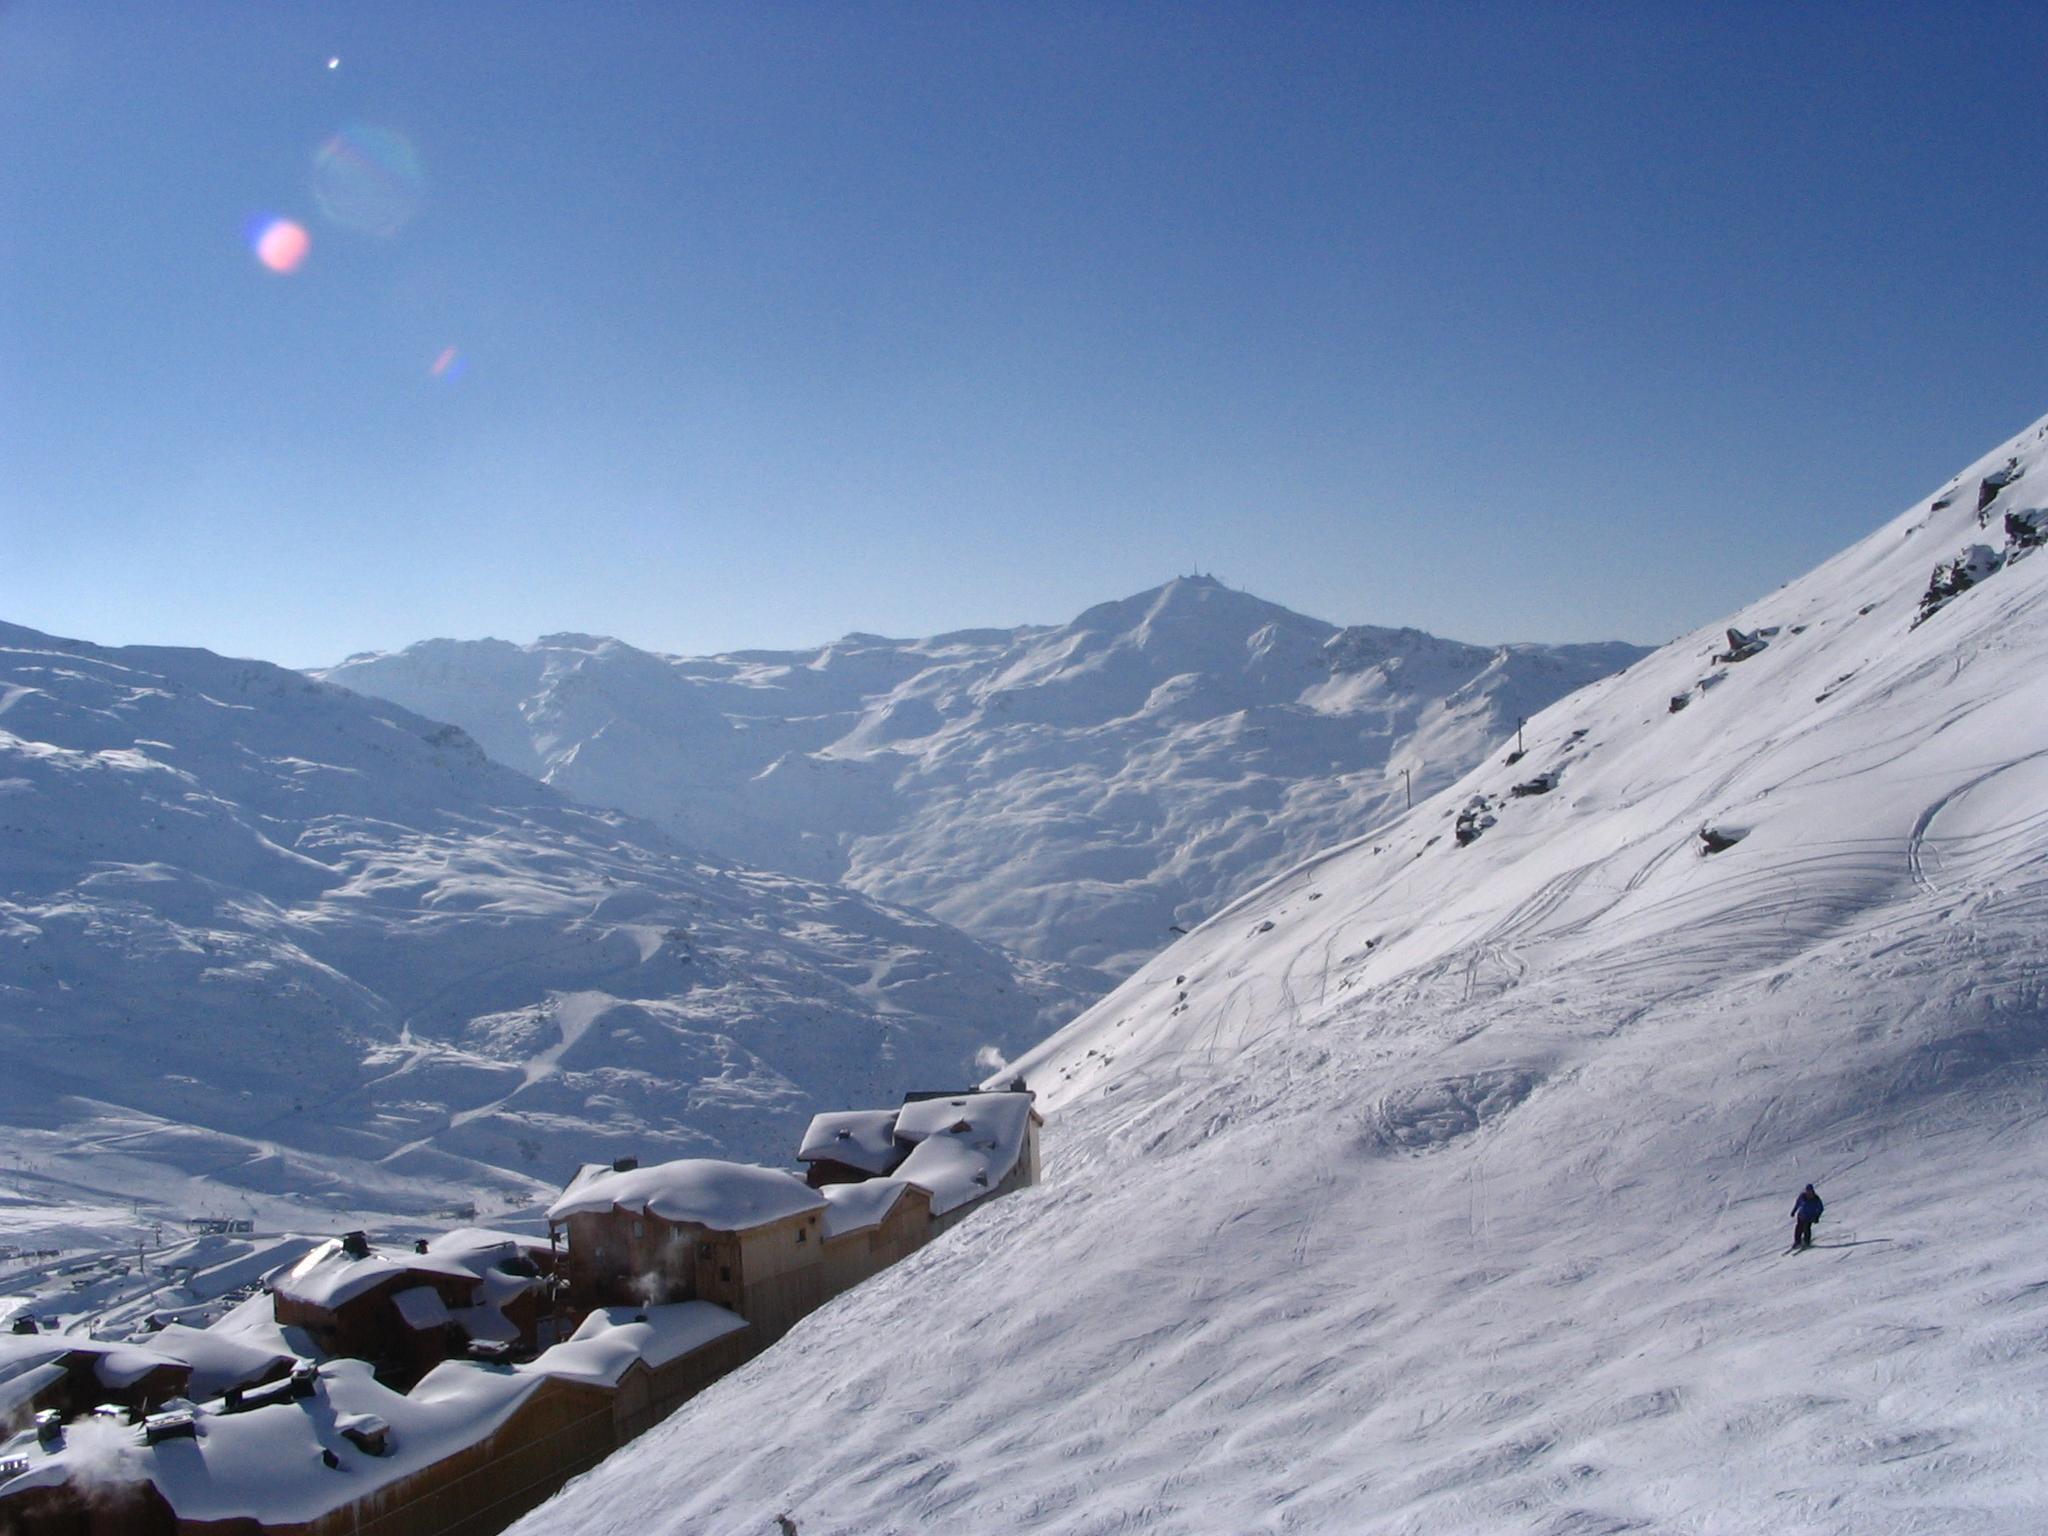 leon vacation ski skiinng mountain slope snow winter resort